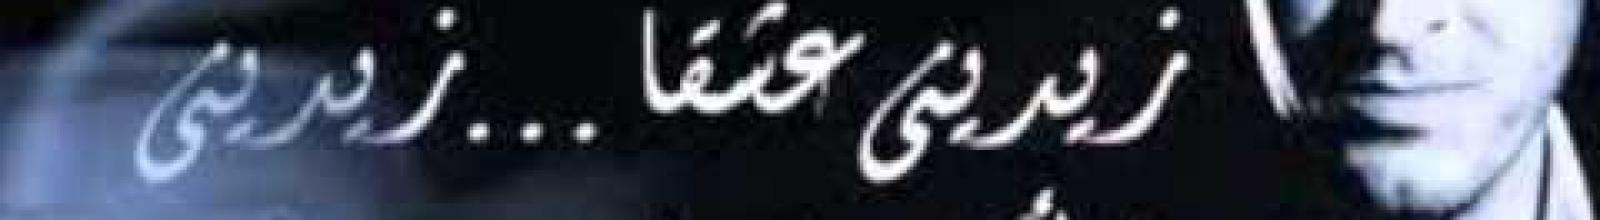 Osama12345